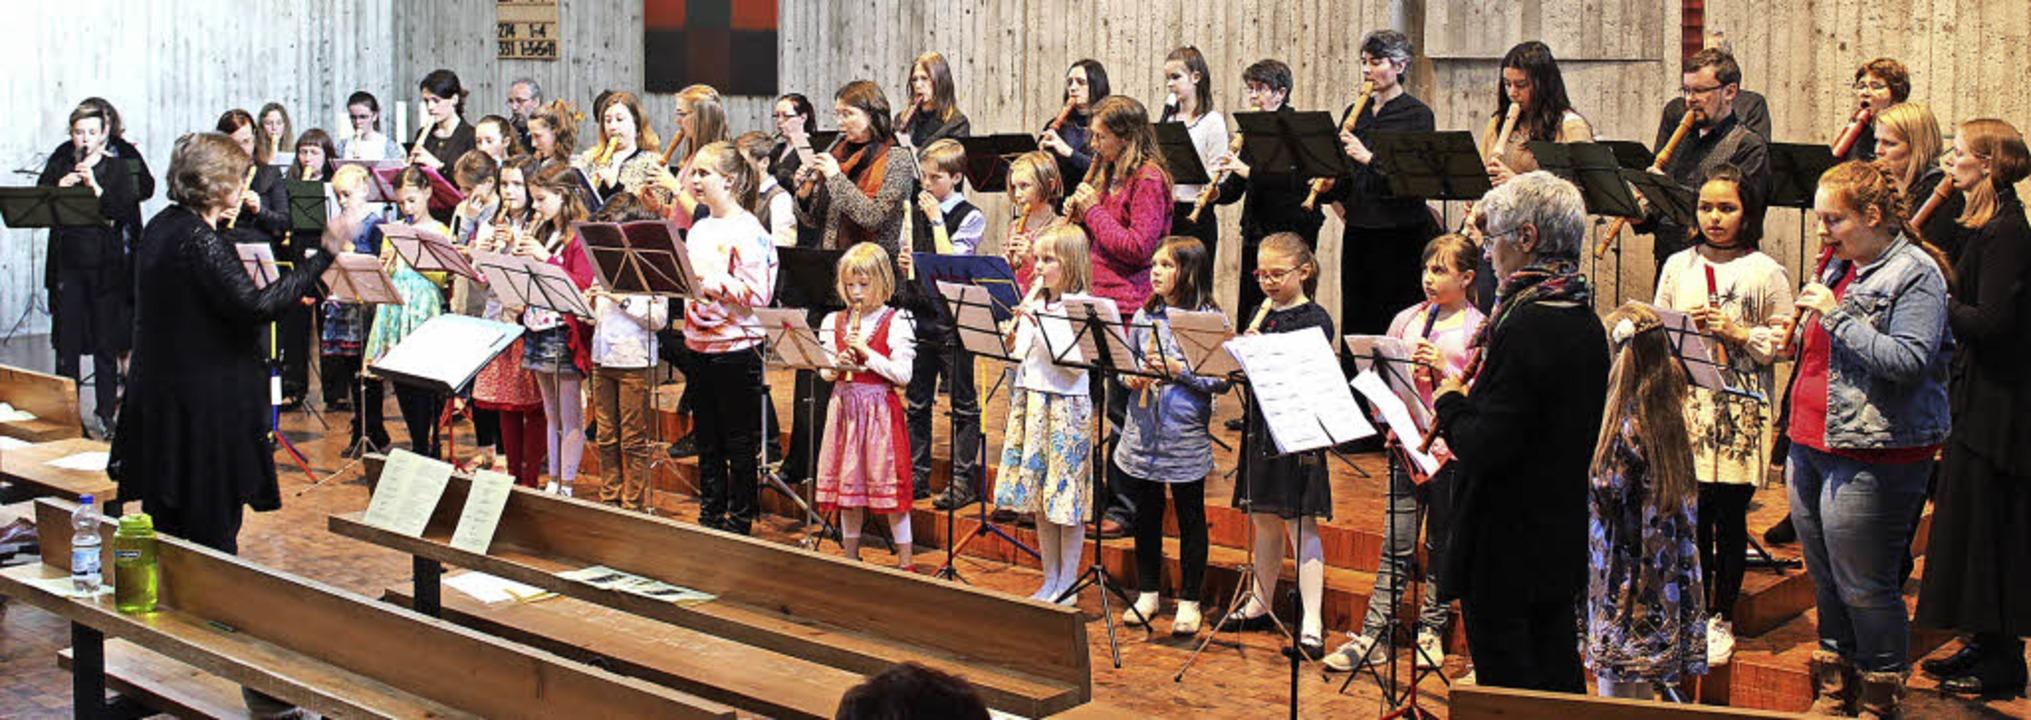 Erstmals bei den Großen dabei: sicherl...r die Musikschülerinnen und -schüler.   | Foto: Erich Krieger